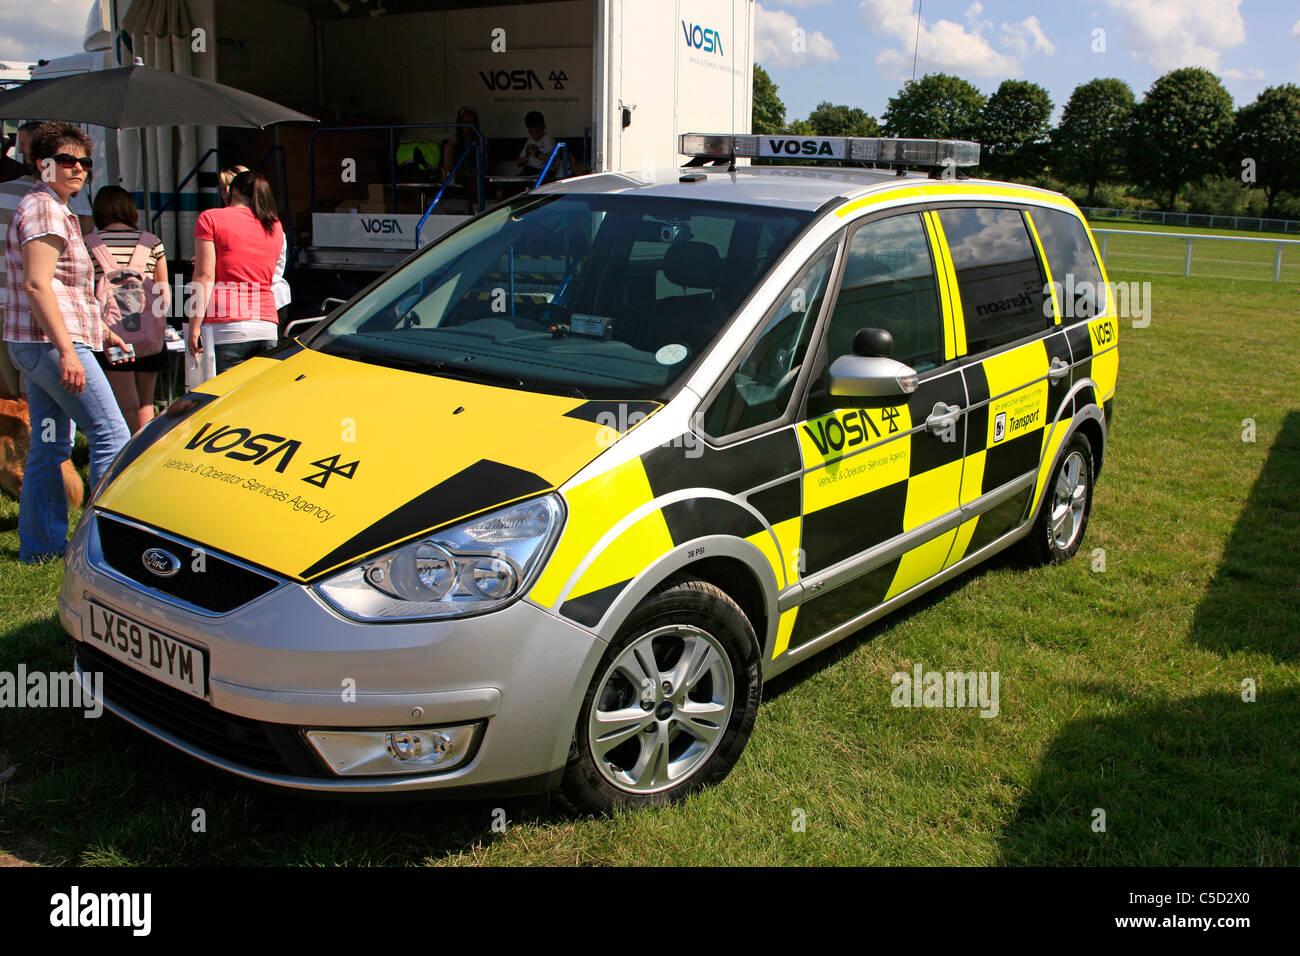 Vosa British Vehicle Road Worthiness Testing Agency Car Stock